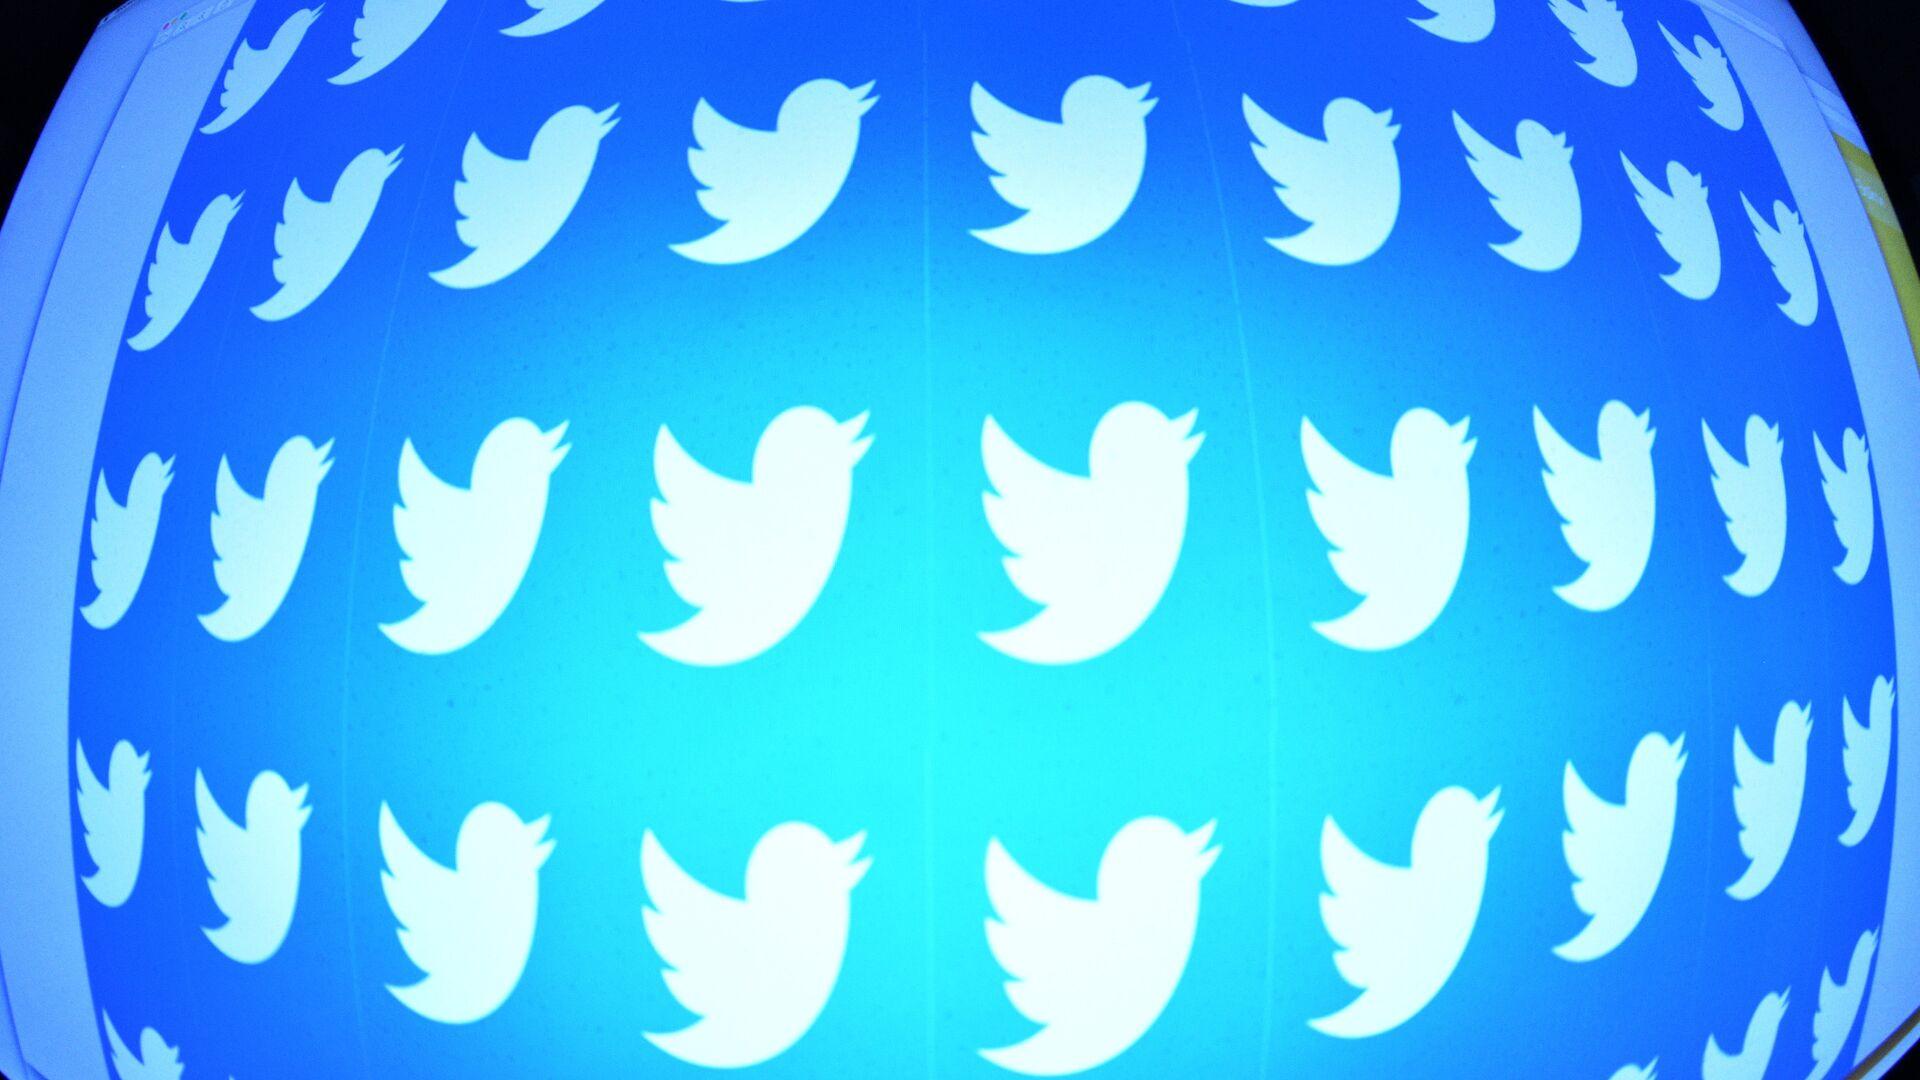 Логотип социальной сети Twitter - РИА Новости, 1920, 13.10.2020